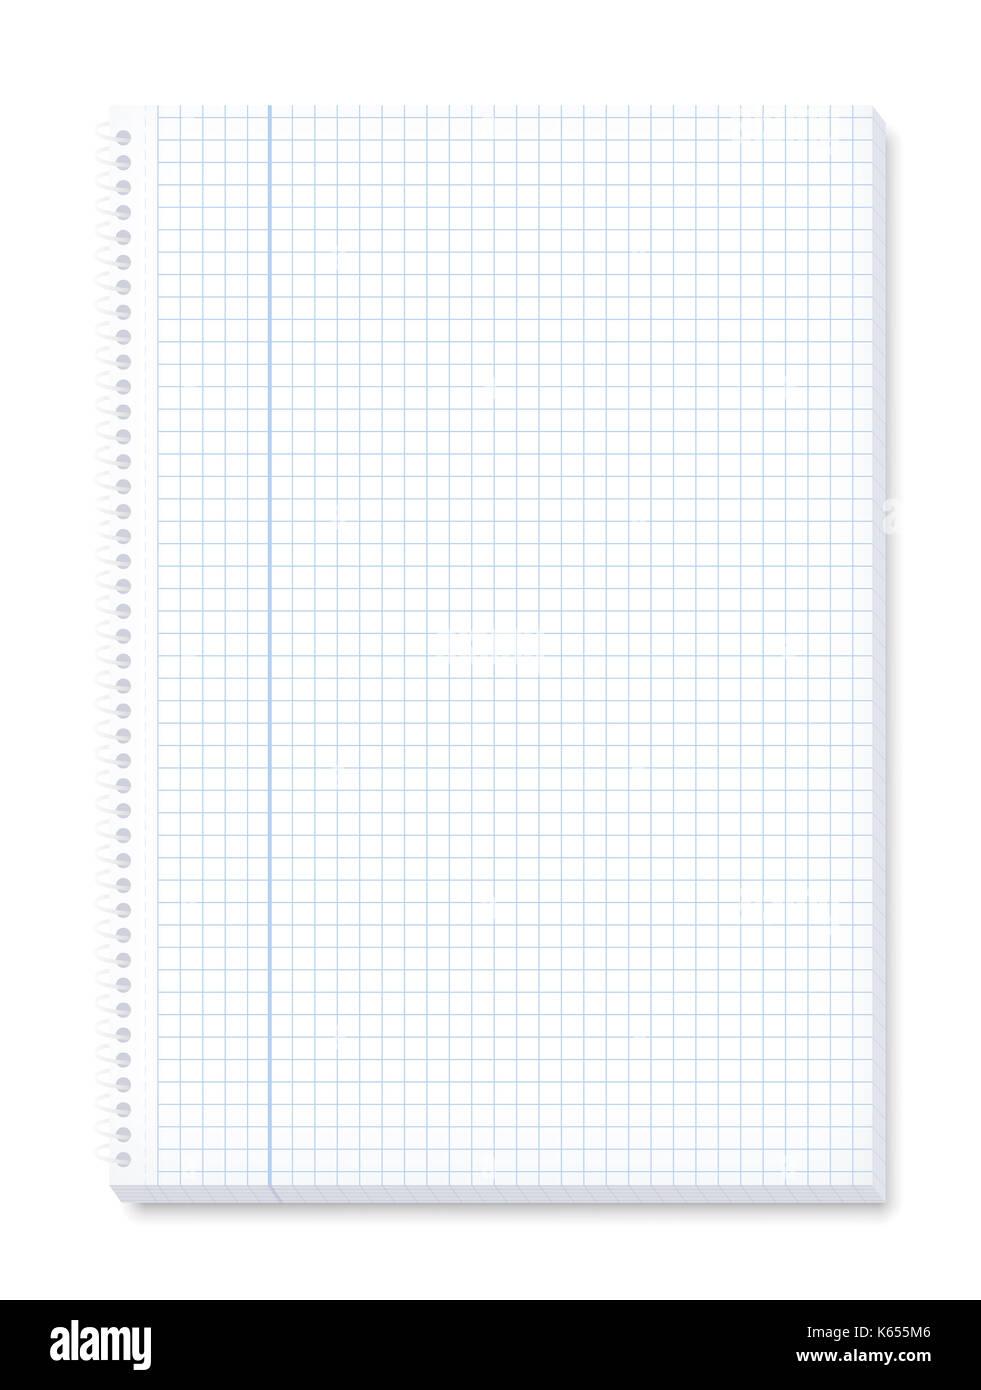 Blocco Note Con Pagine A Quadretti Per Matematica Margine Per Le